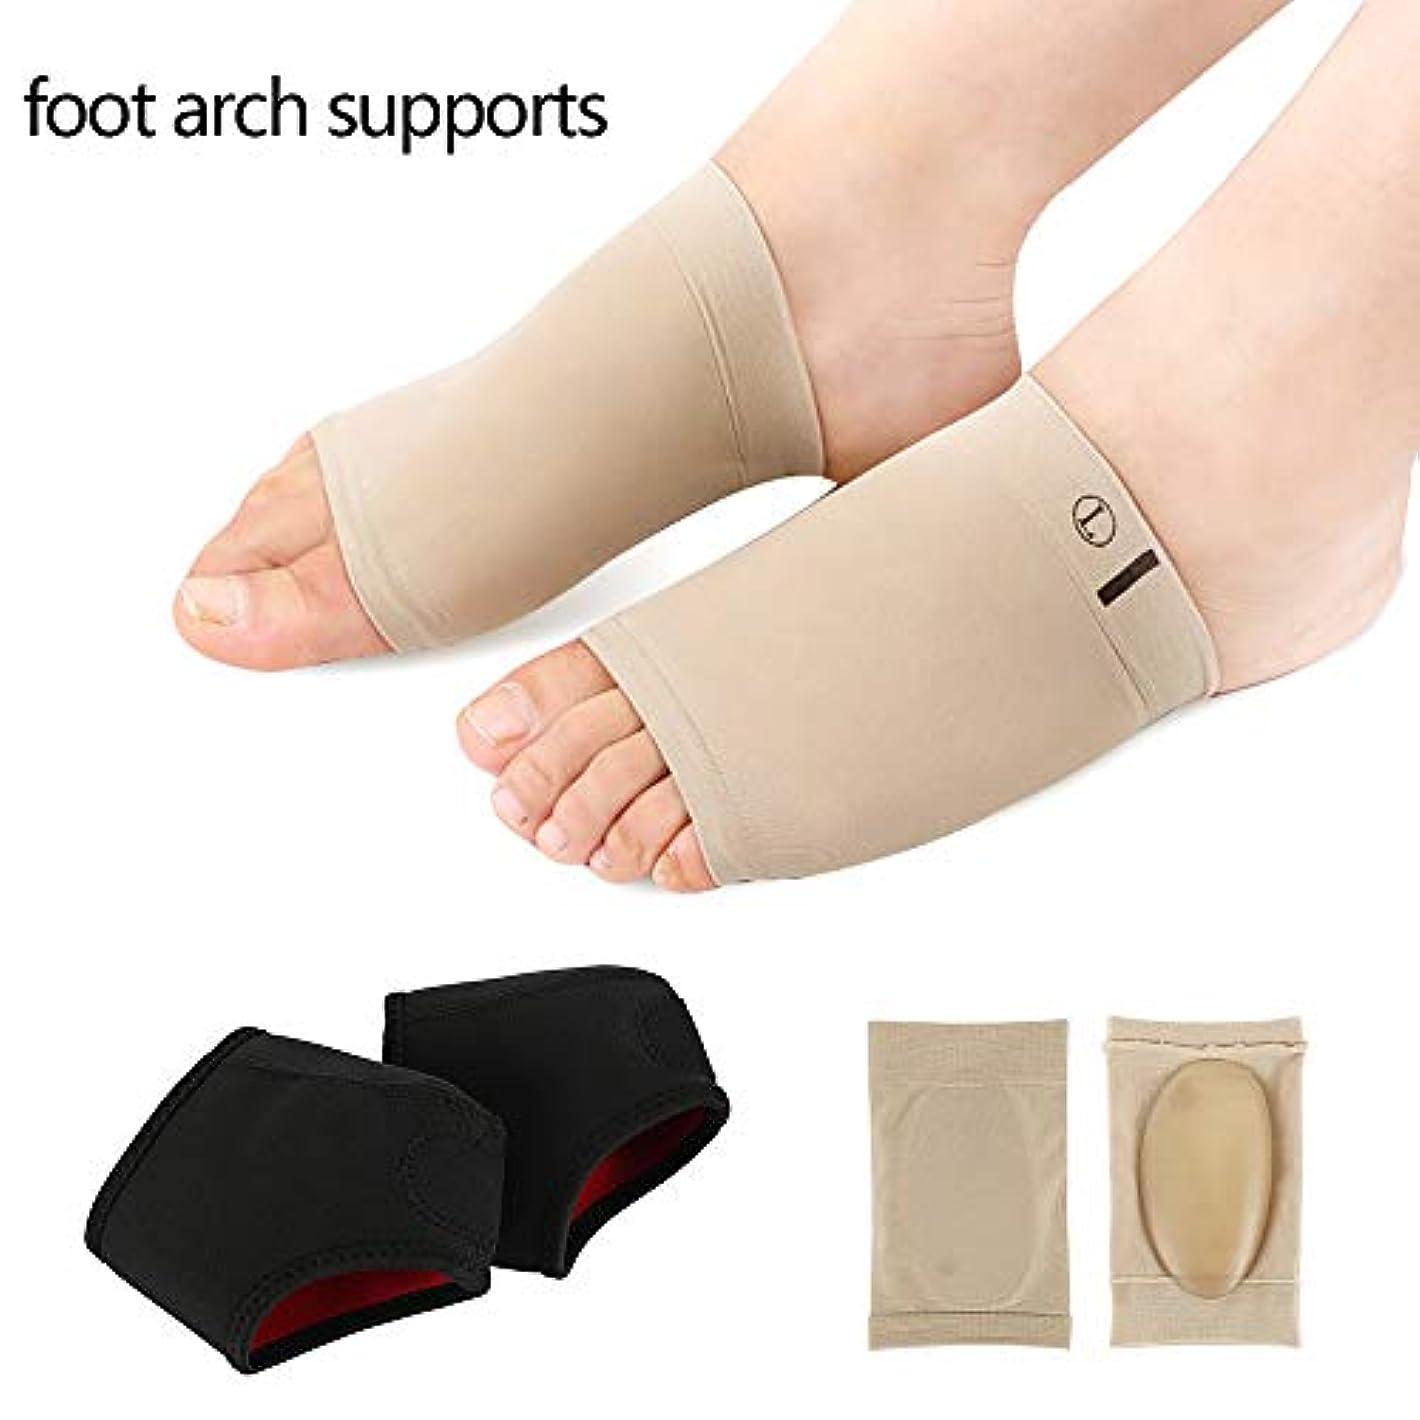 侮辱酸度グレートオークPowanfity 足首ブレース 足底筋膜炎 足の痛み解消 サイズ調整可能 アーチサポーター シリコン素材 足の痛み防止 足裏 フリーサイズ 男女兼用